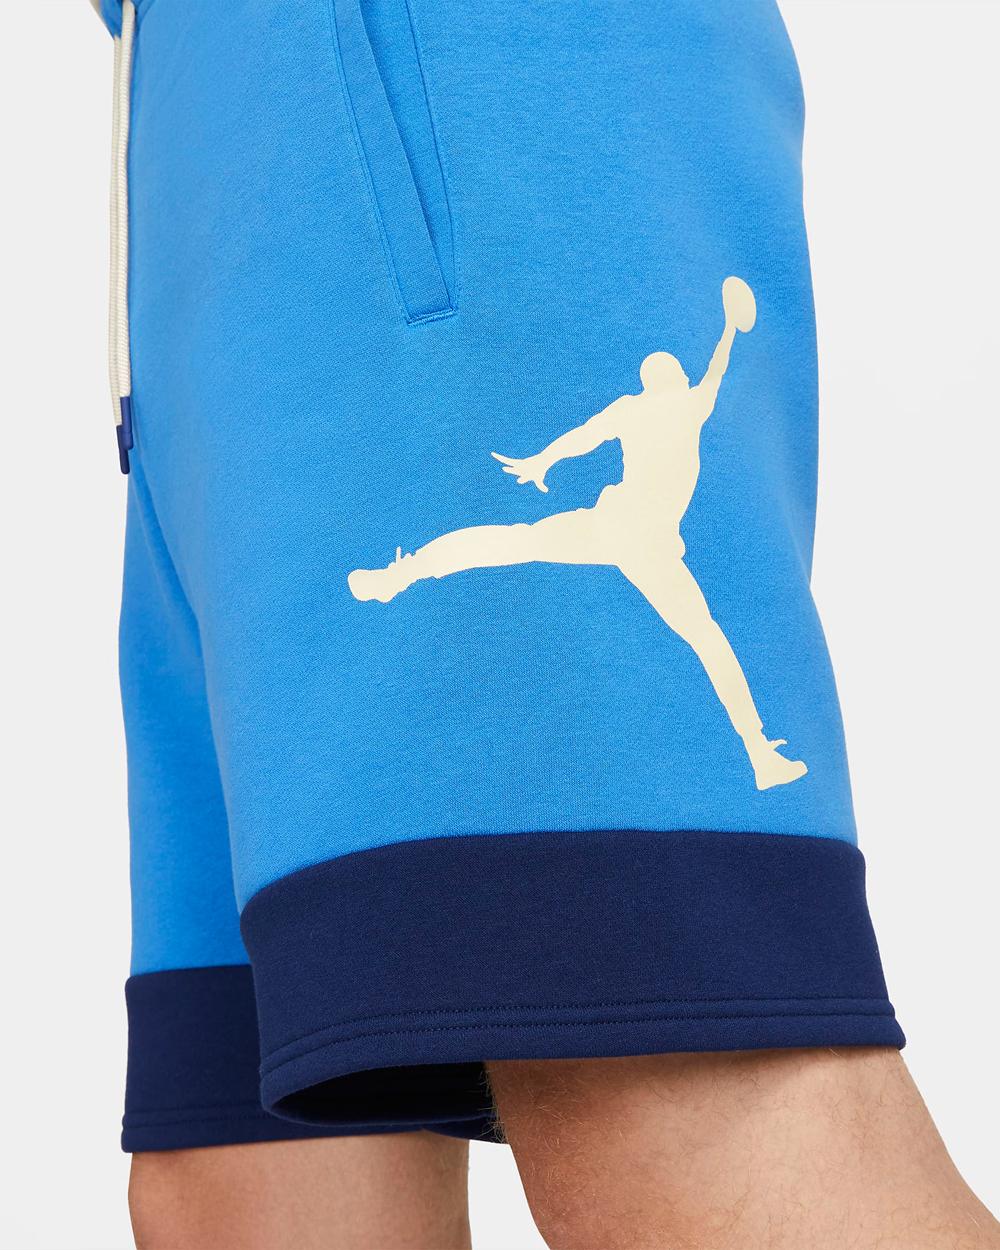 jordan-jumpman-air-signal-blue-shorts-2